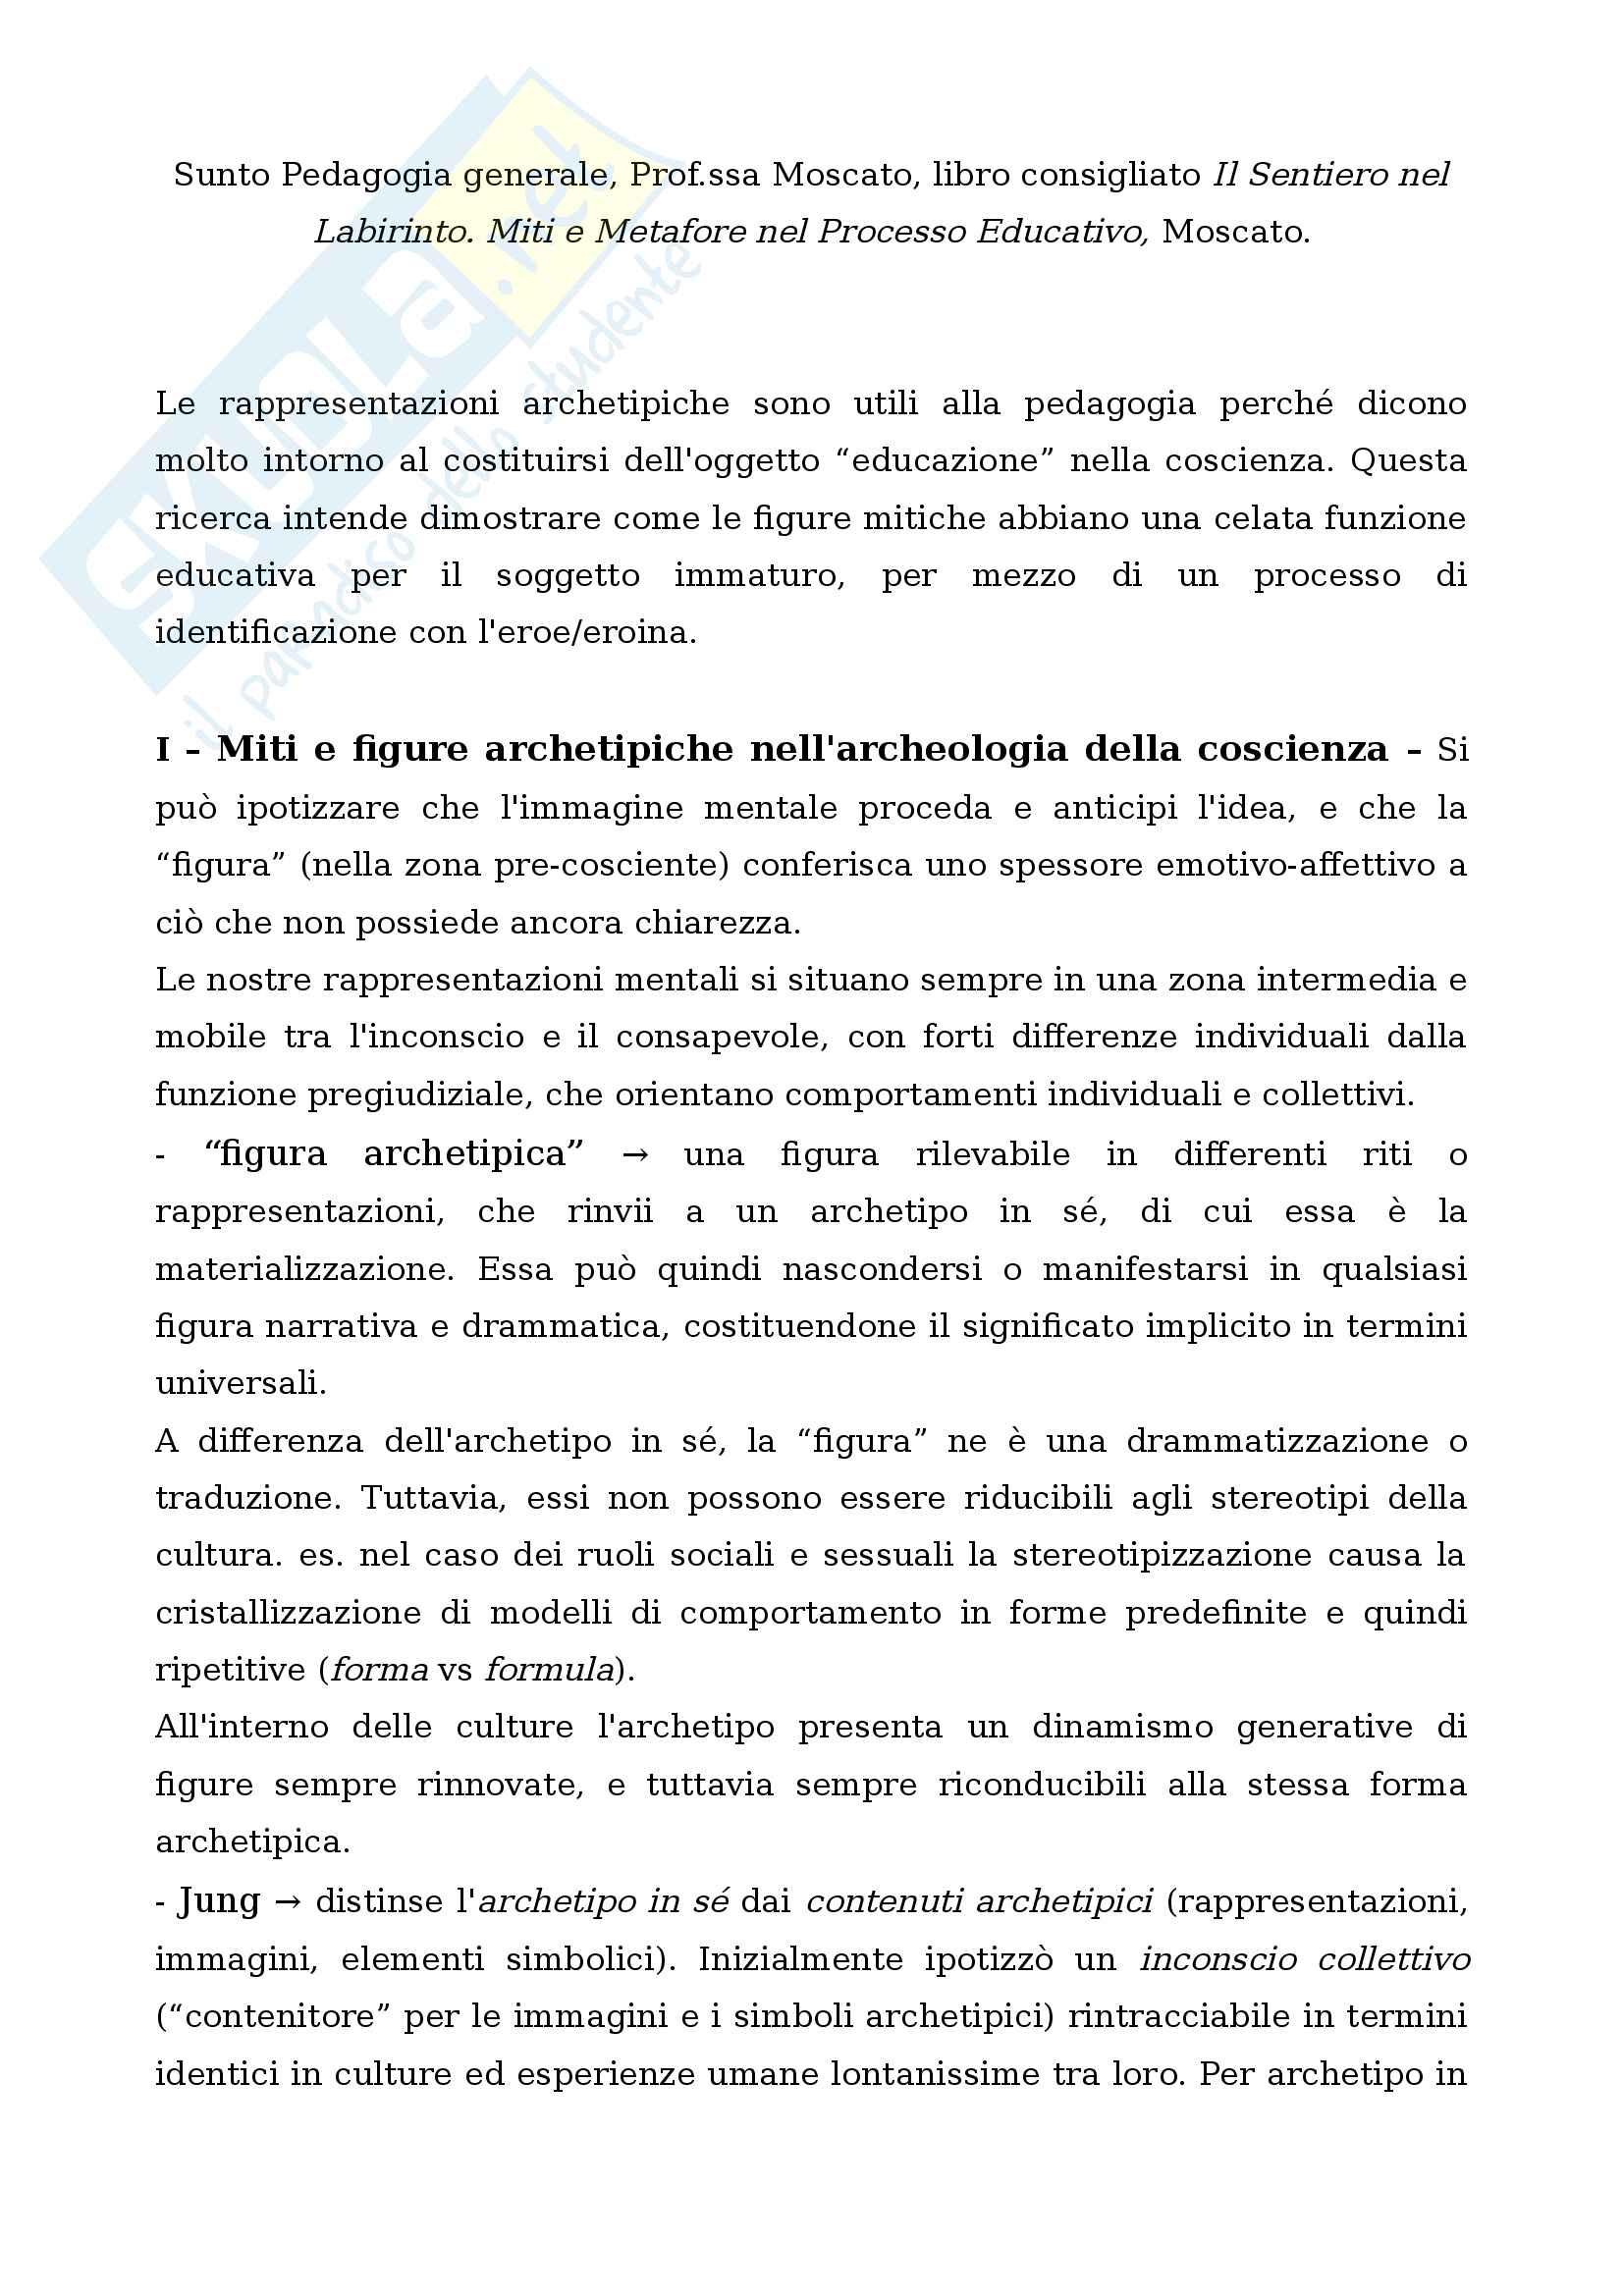 """Riassunto esame Pedagogia generale, Prof.ssa Moscato, libro consigliato """"Il Sentiero nel Labirinto. Miti e Metafore nel Processo Educativo"""", Moscato"""